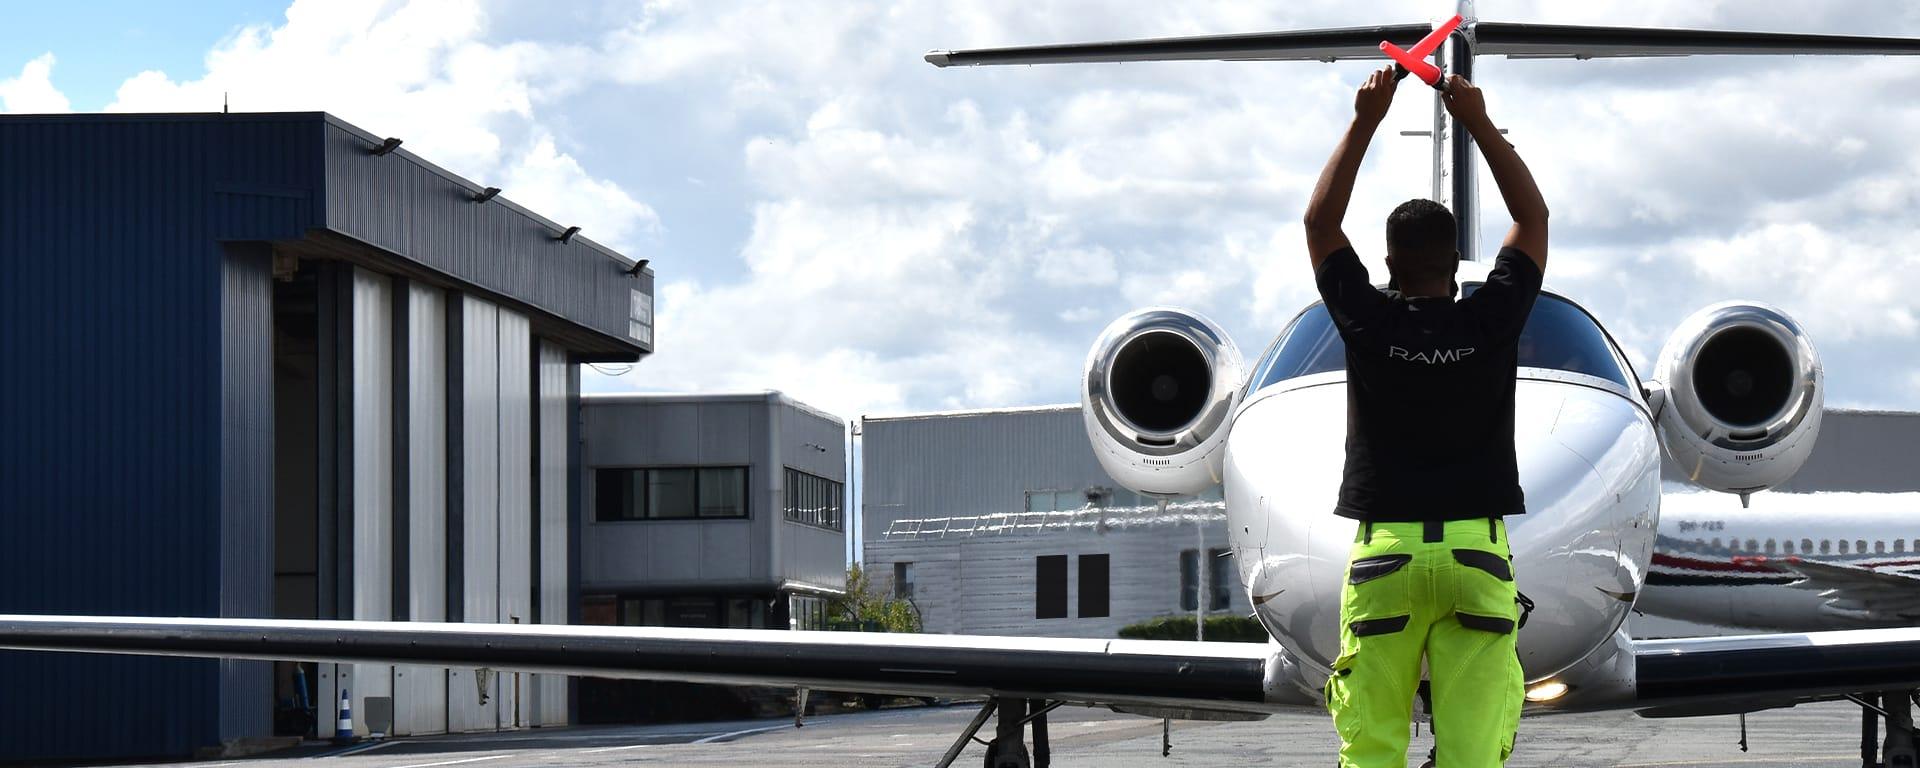 Terminal aéroportuaire dédié à l'assistance des avions privés